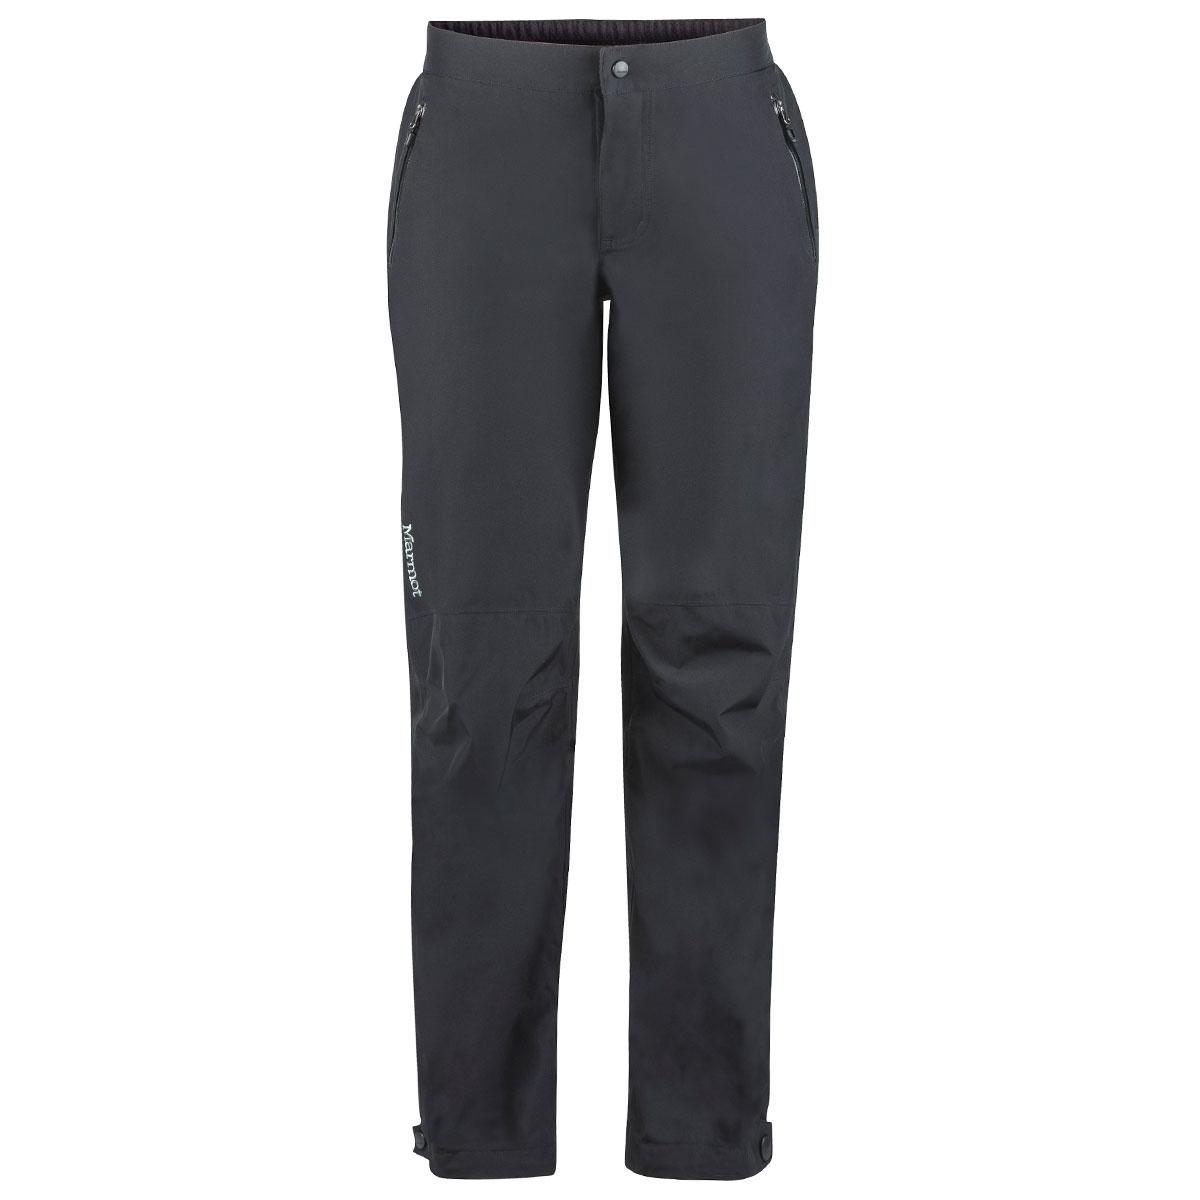 Marmot Women's Minimalist Waterproof Pants - Black, L